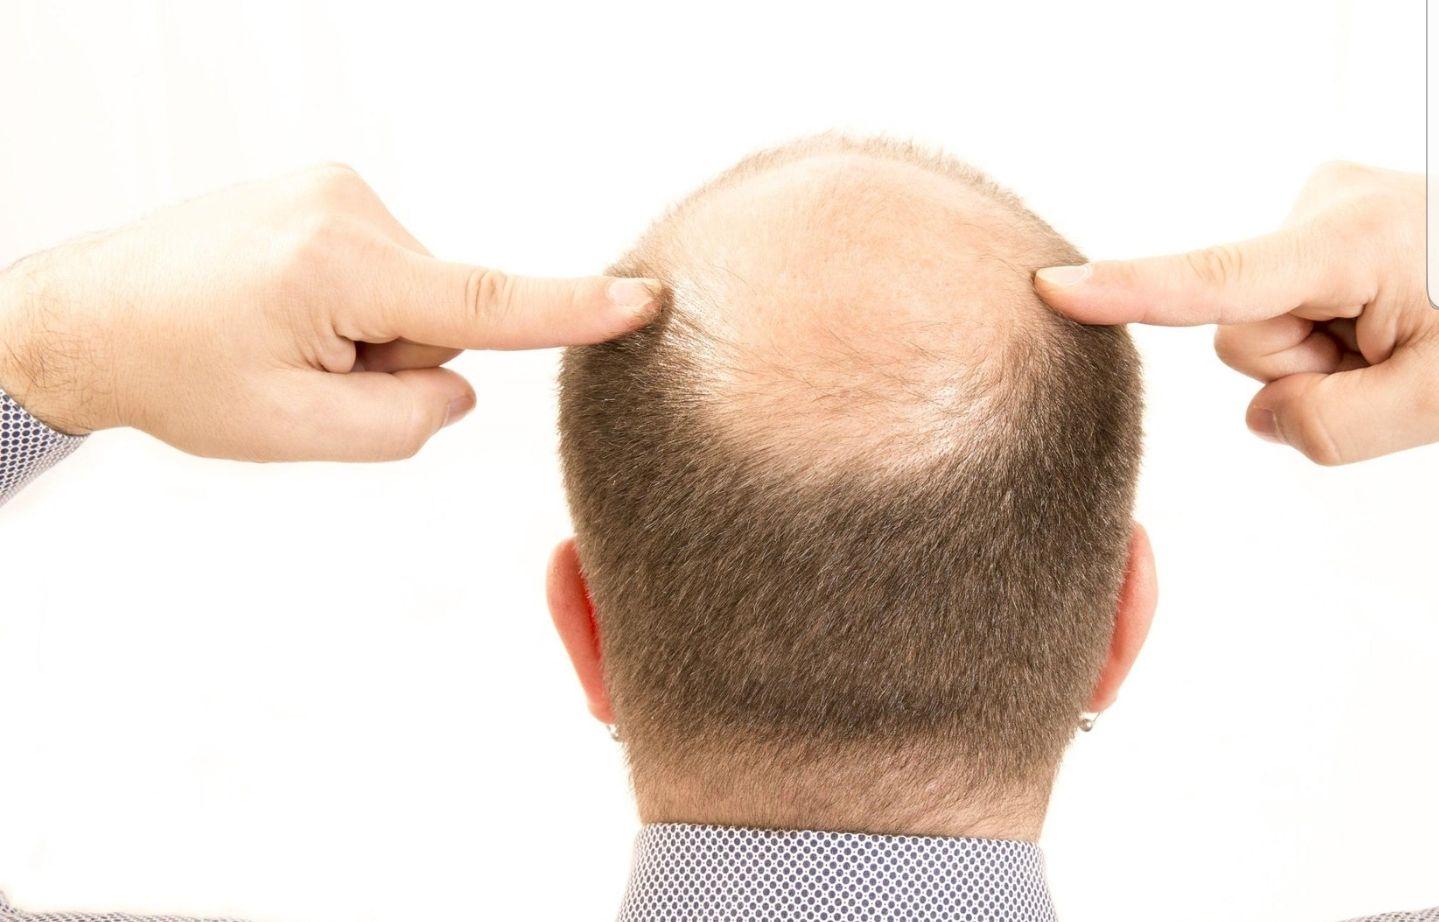 La piel pelada de la cabeza sufre el frío y otras inclemencias aún más que otras zonas del cuerpo